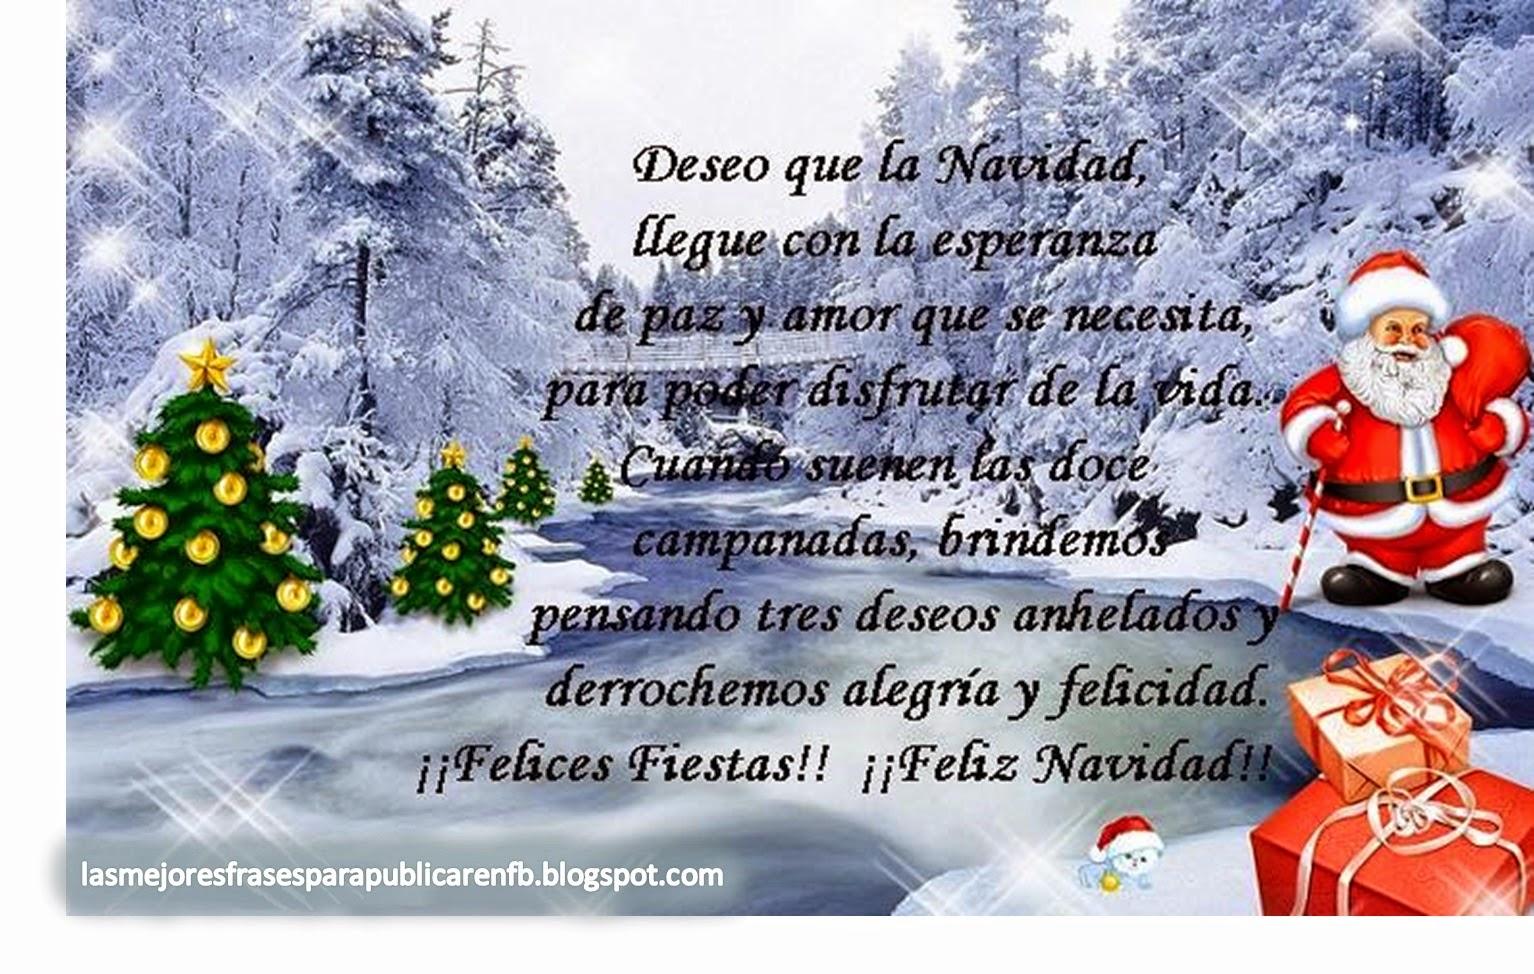 Frases De Navidad: Deseo Que La Navidad